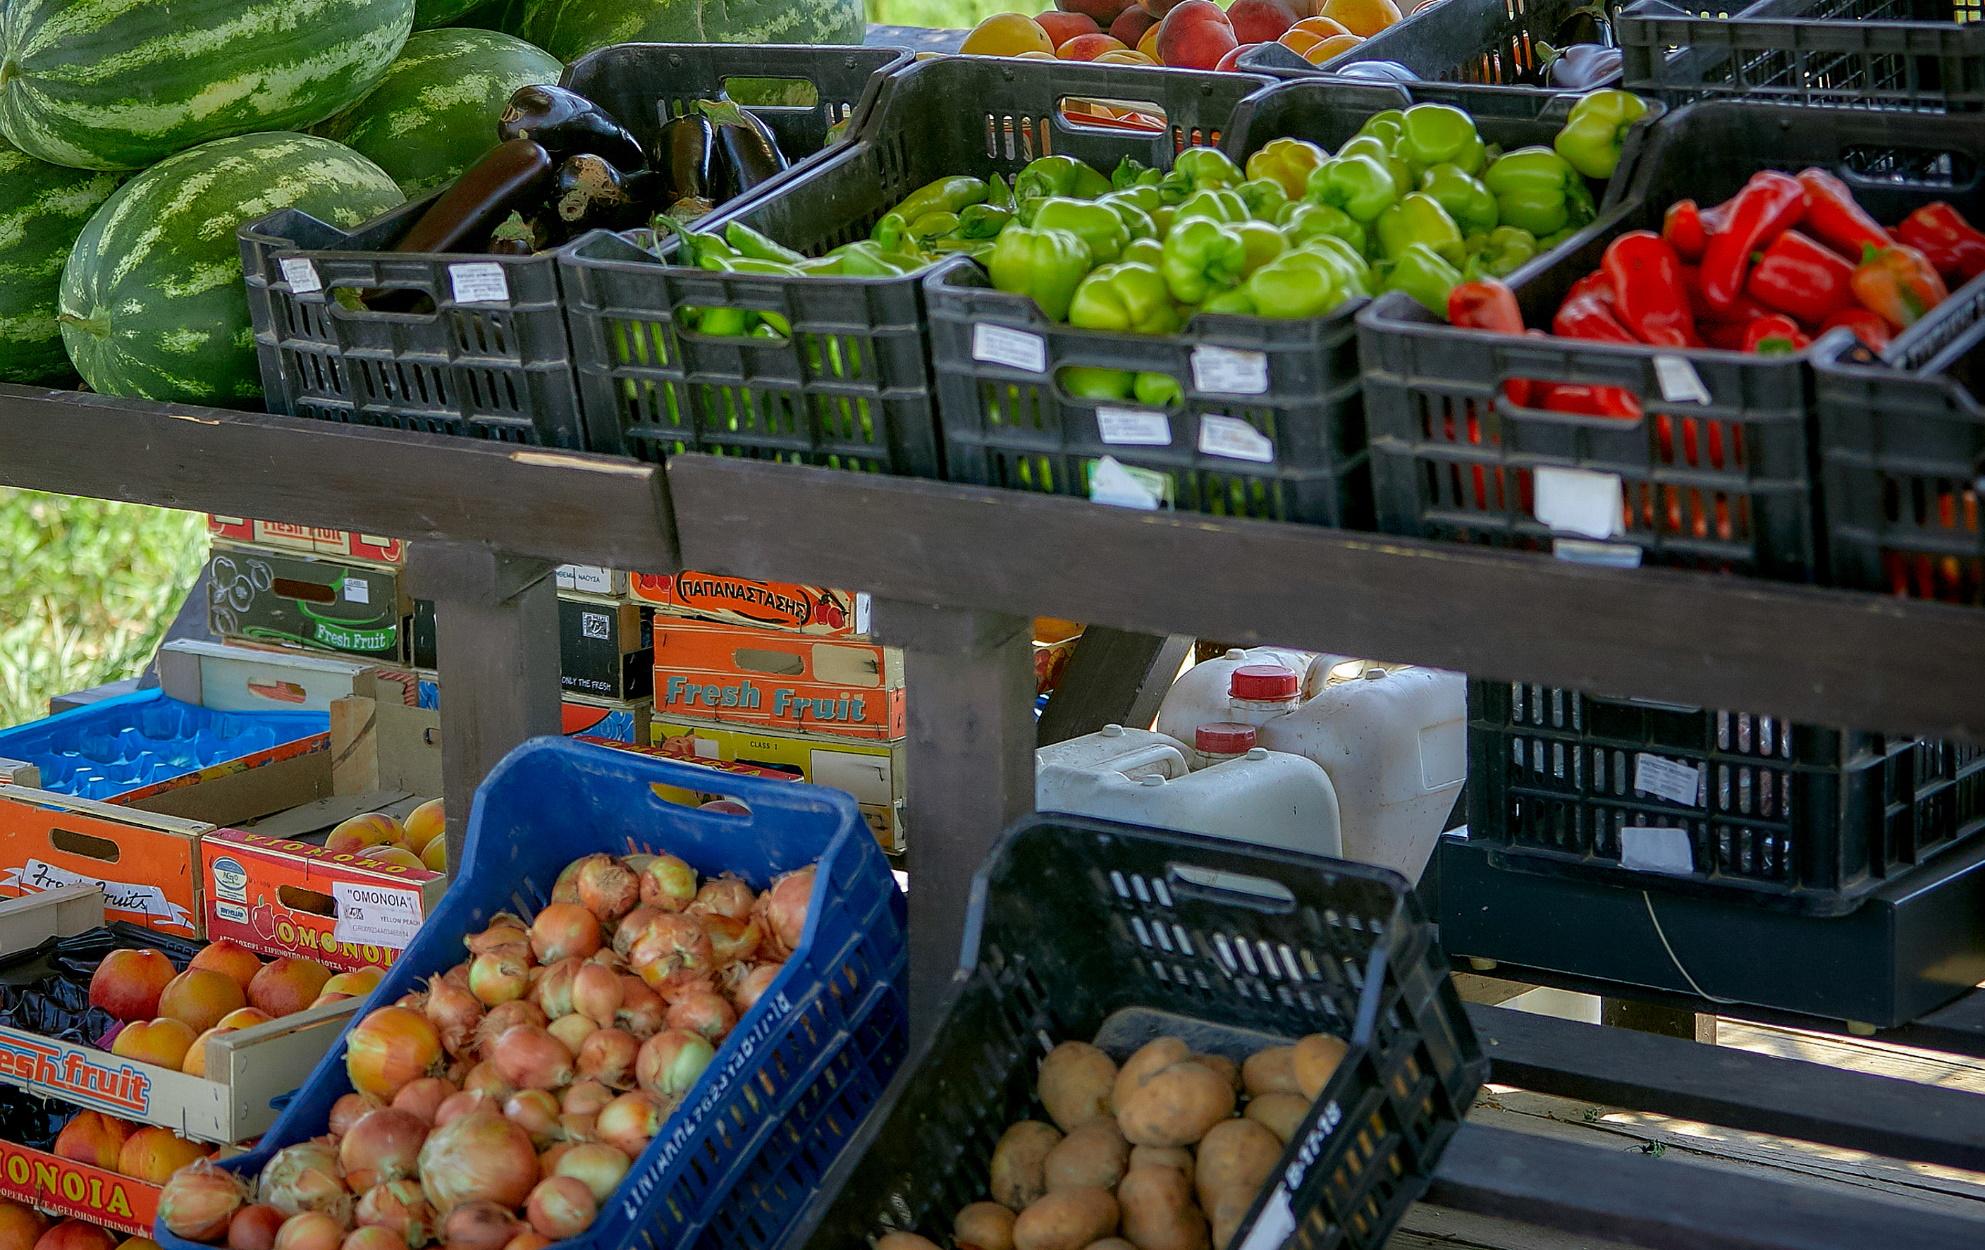 Πως καθαρίζουμε σωστά φρούτα και λαχανικά πριν τα καταναλώσουμε